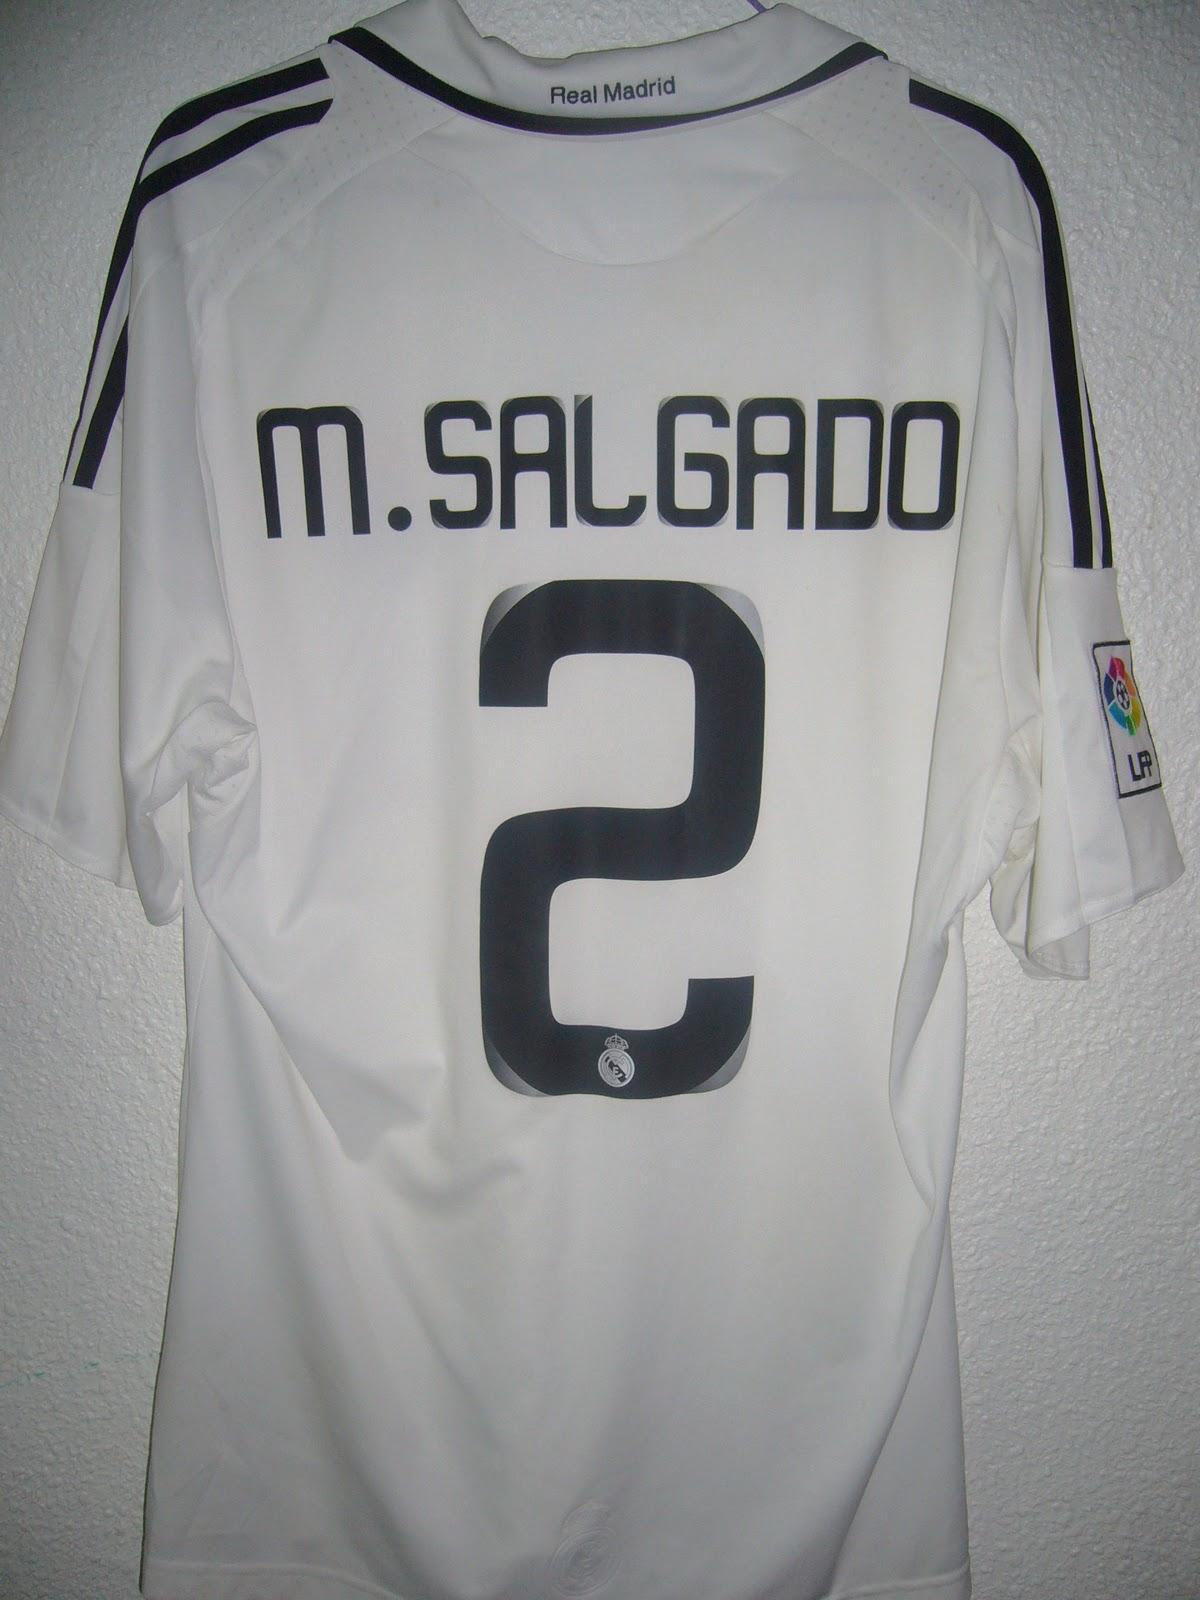 Equipo  Real Madrid C.F.. Temporada  2008-2009. Serigrafía  2 M.Salgado  Procedencia  Comprada en Granada en la tienda Futbol Center por un importe  de 65€. 13f907ff5446c